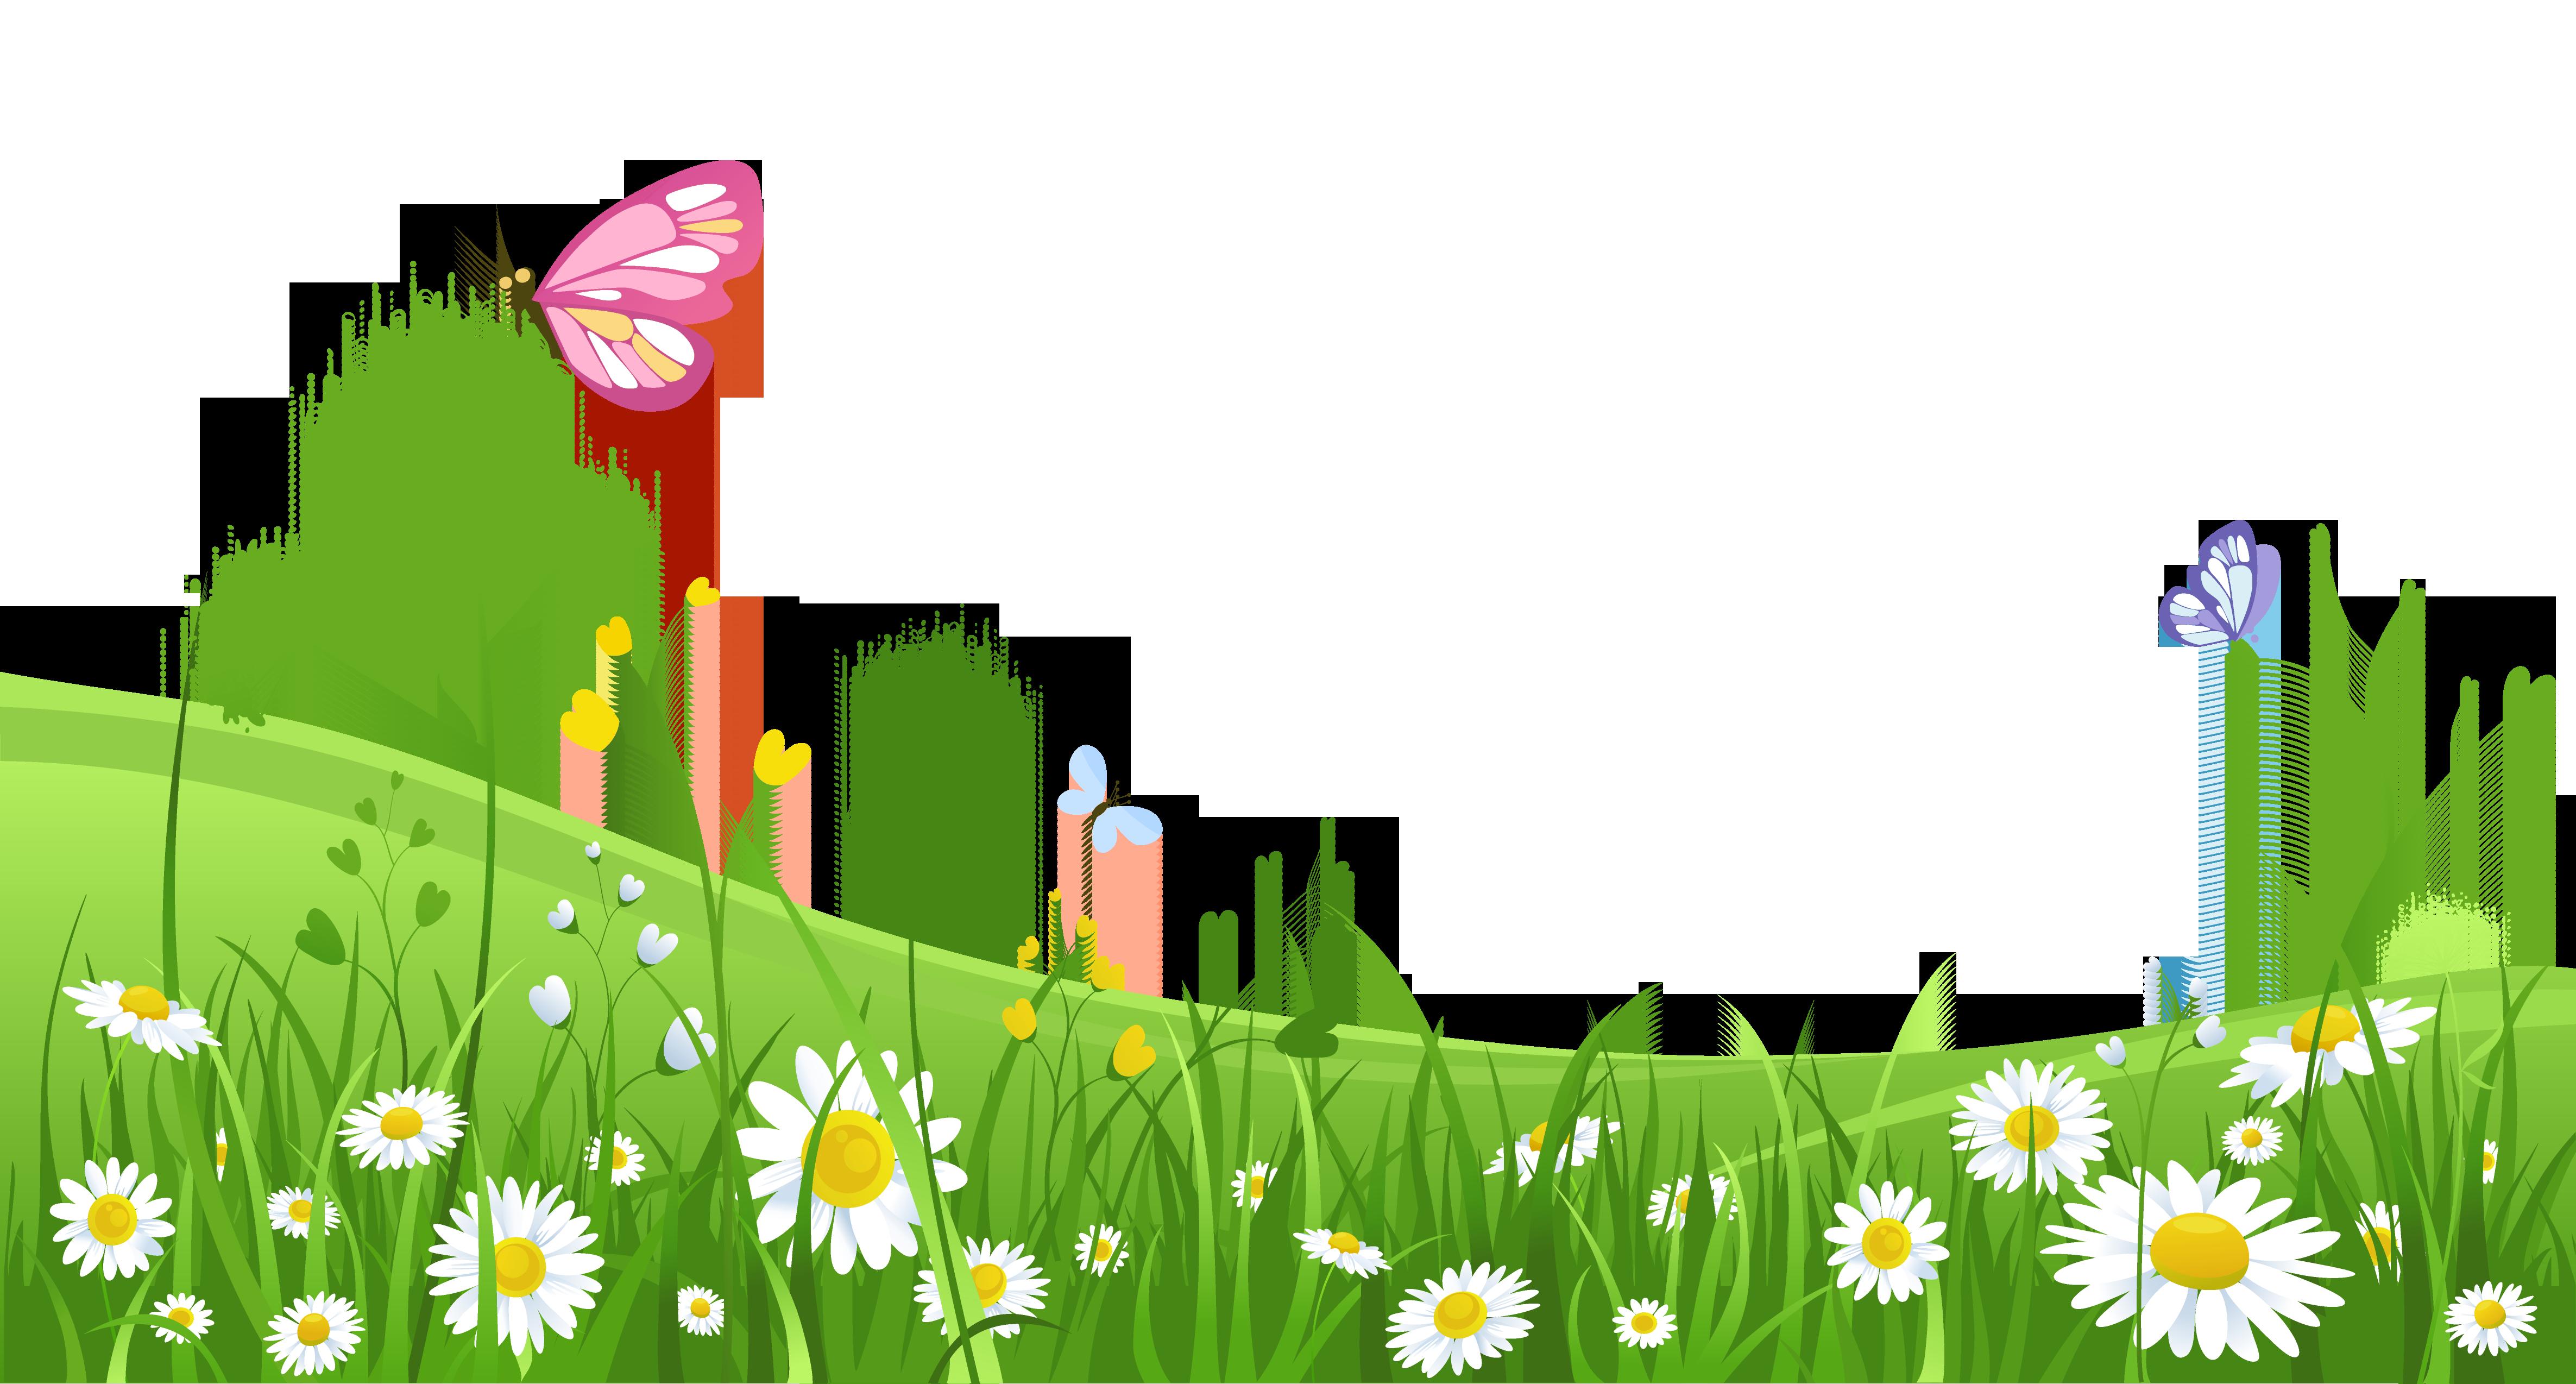 Garden hd clipart clip royalty free Garden Clipart Background Hd clip royalty free